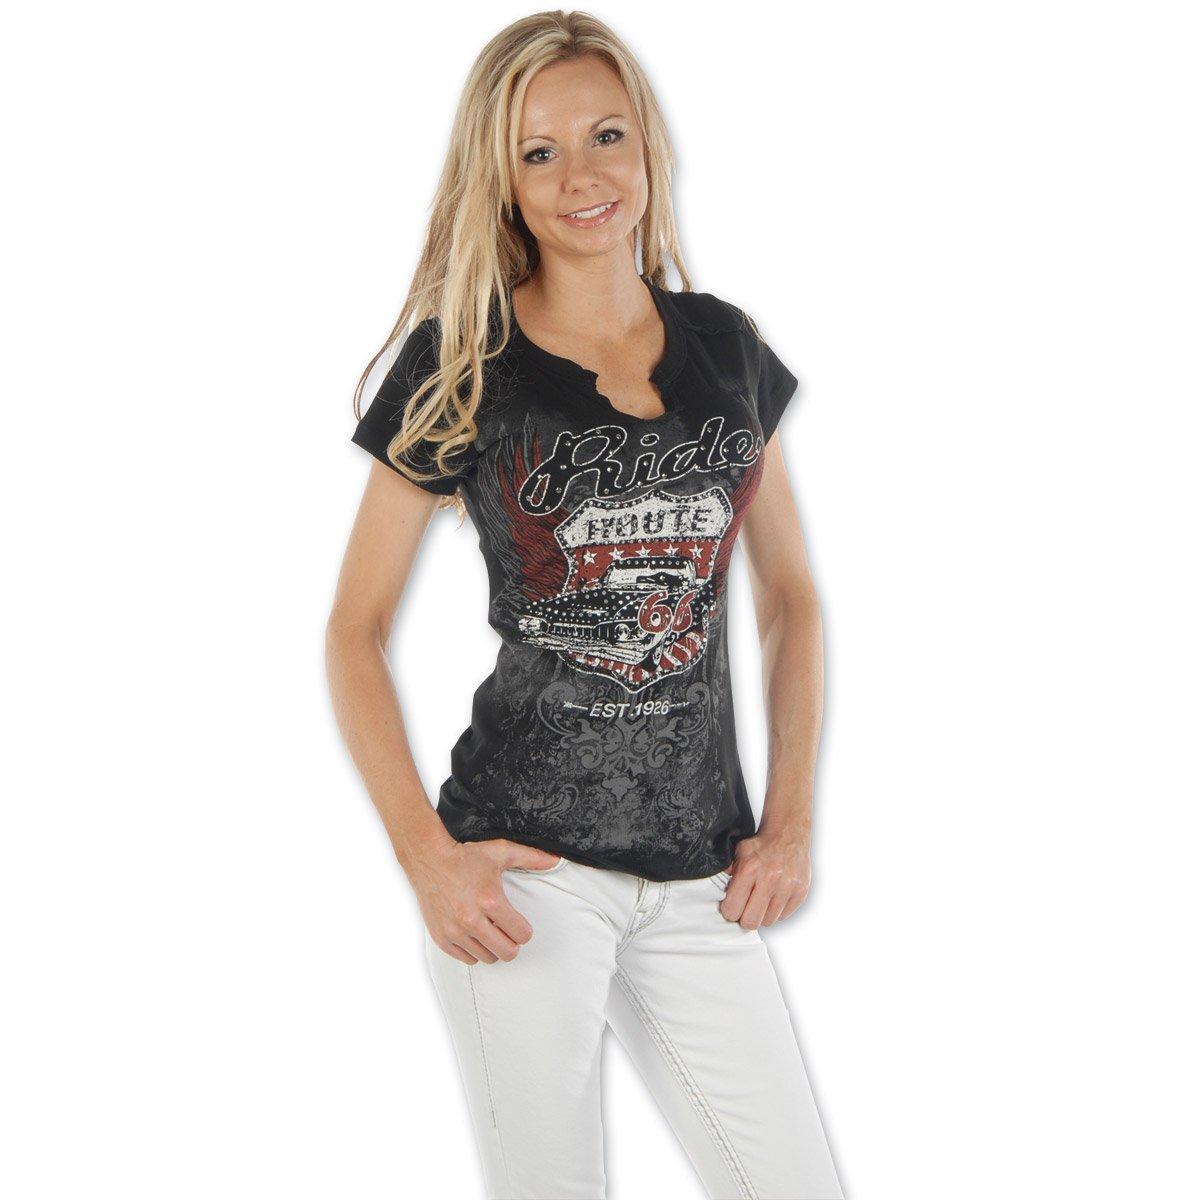 保障できる Liberty Wear B00MQ7X3ZY Kicks 66レディースブラックTシャツ Liberty Kicks、L B00MQ7X3ZY, アツシオカノウムラ:e055c701 --- svecha37.ru